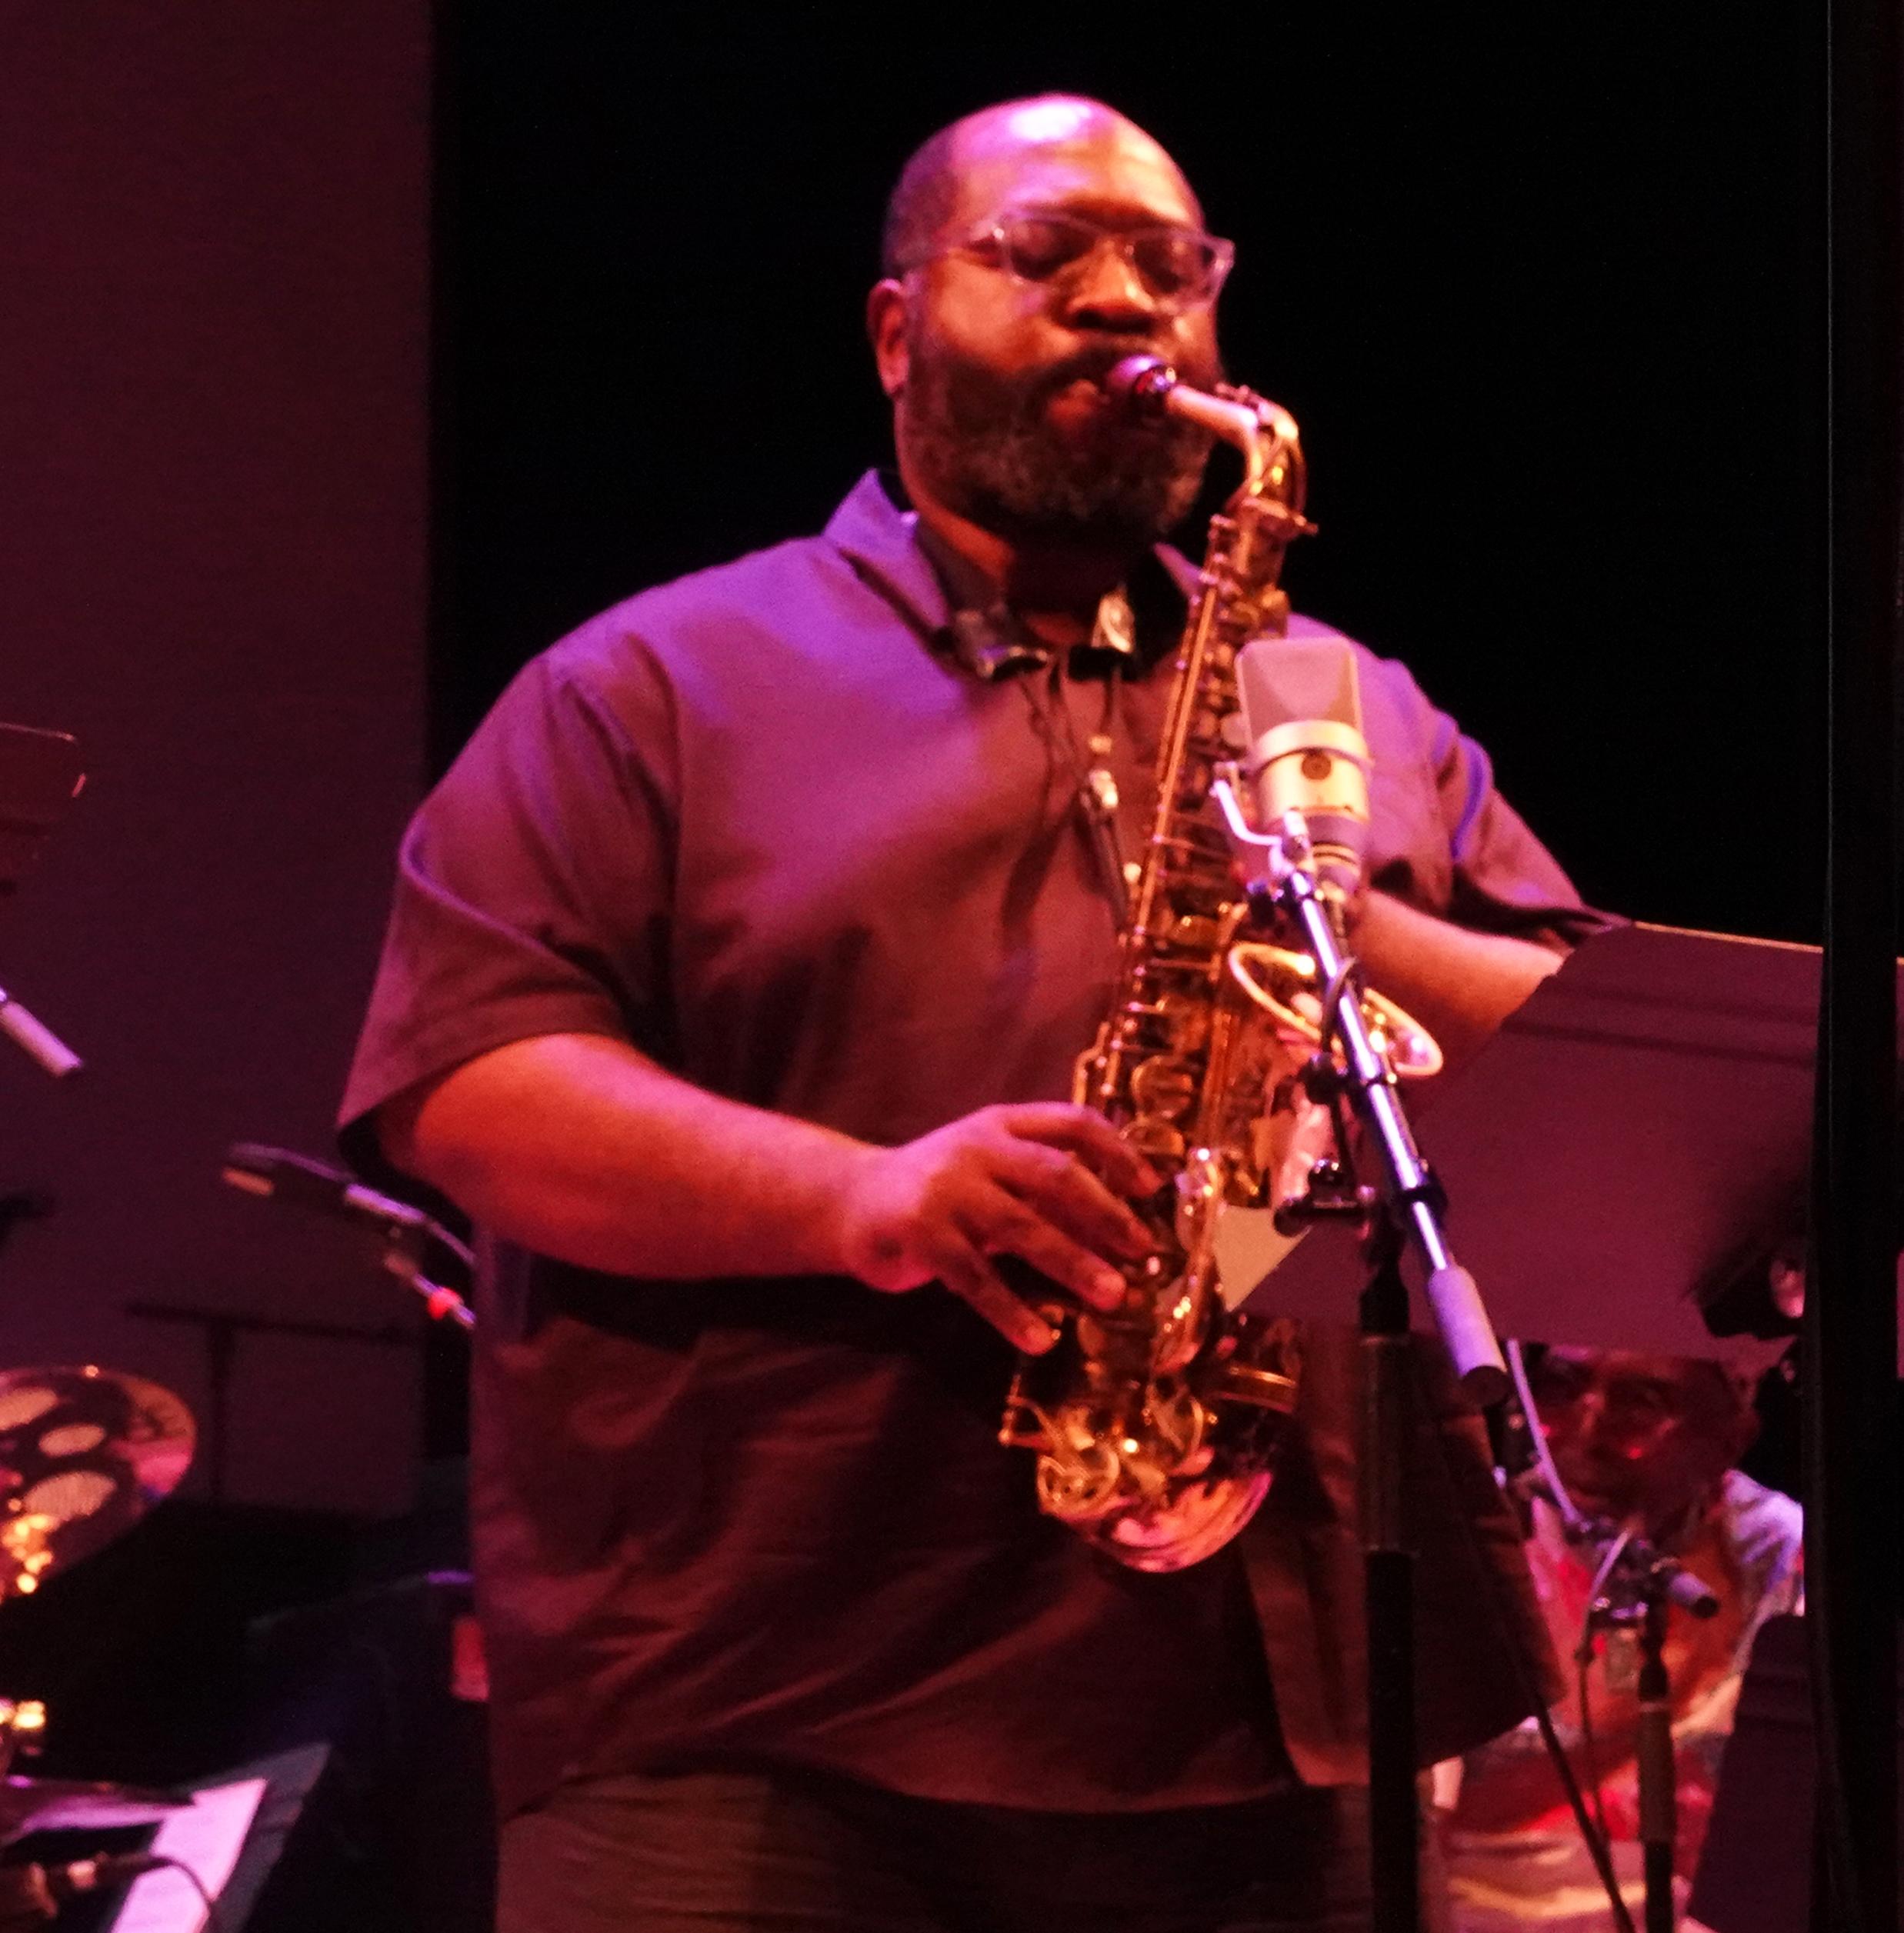 Darius Jones at 24th Annual Vision Festival